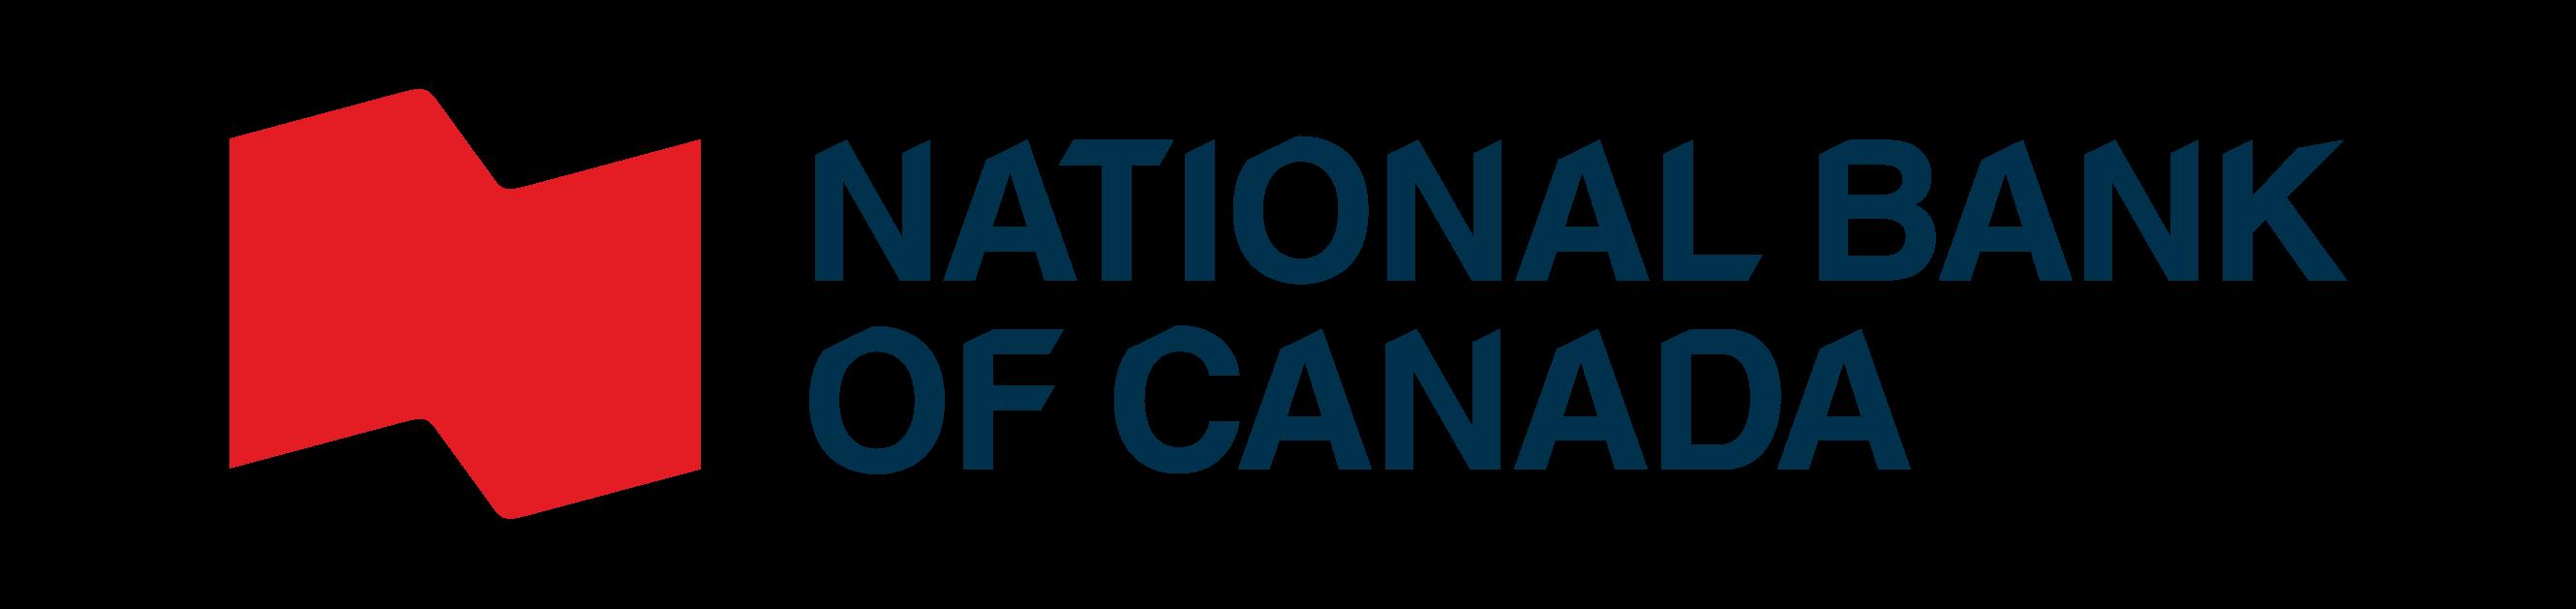 Logotipo del Banco Nacional de Canadá